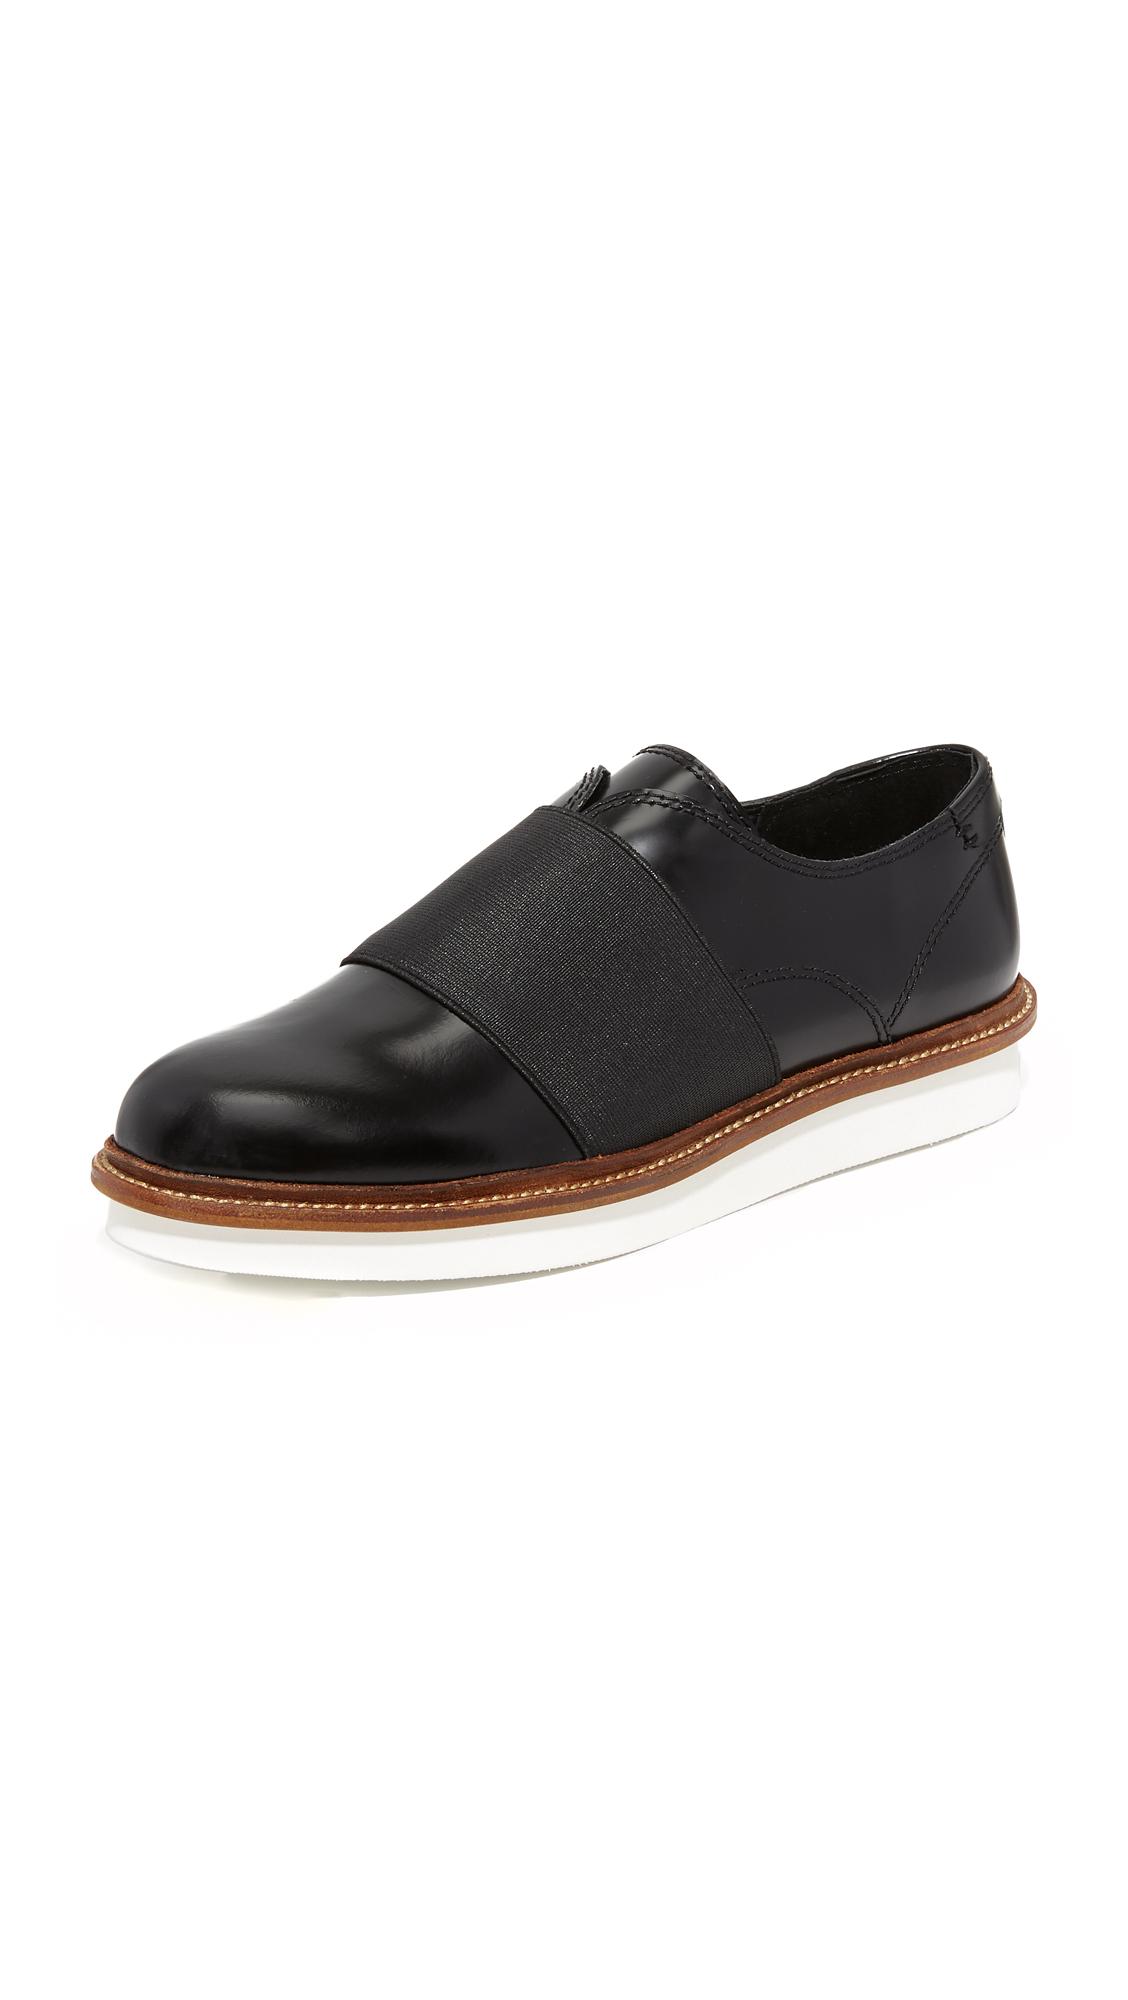 Dolce Vita Saxon Slip On Oxfords - Black at Shopbop